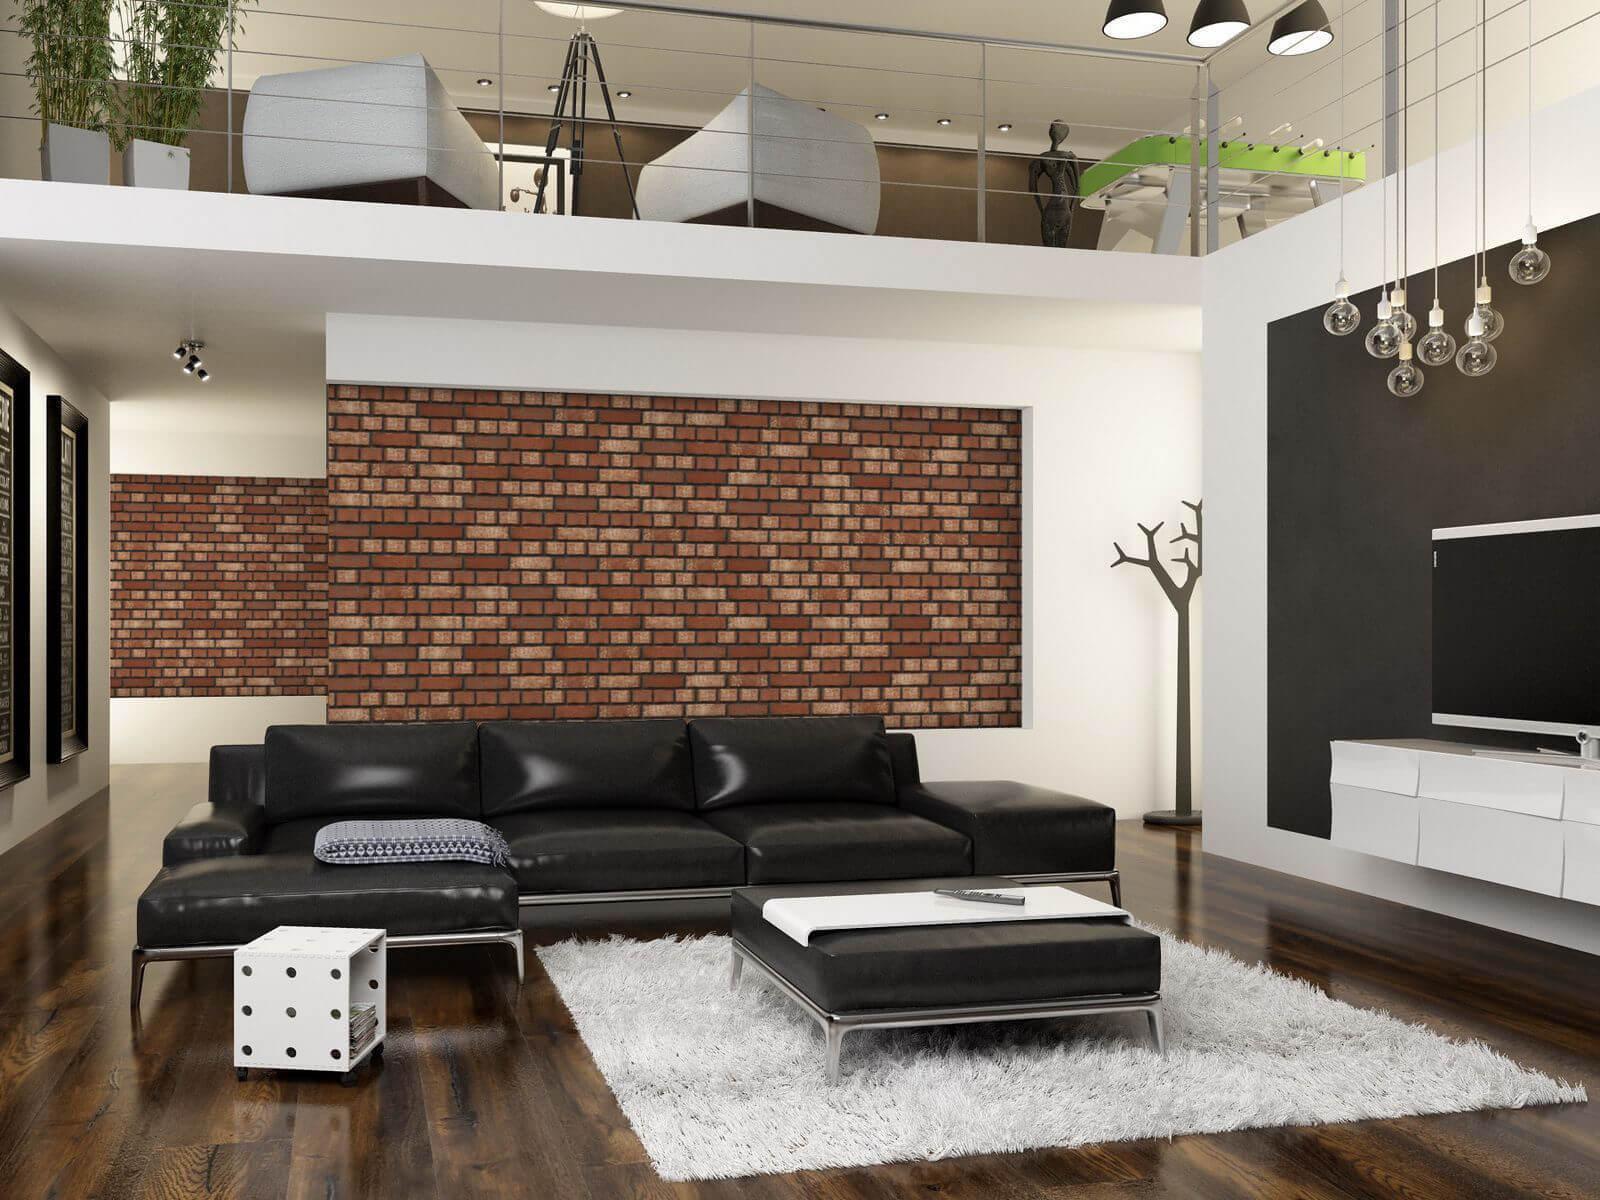 Плитка-клинкер под кирпич Feldhaus Klinker, Sintra, R690NF14, ручная формовка, ardor blanca